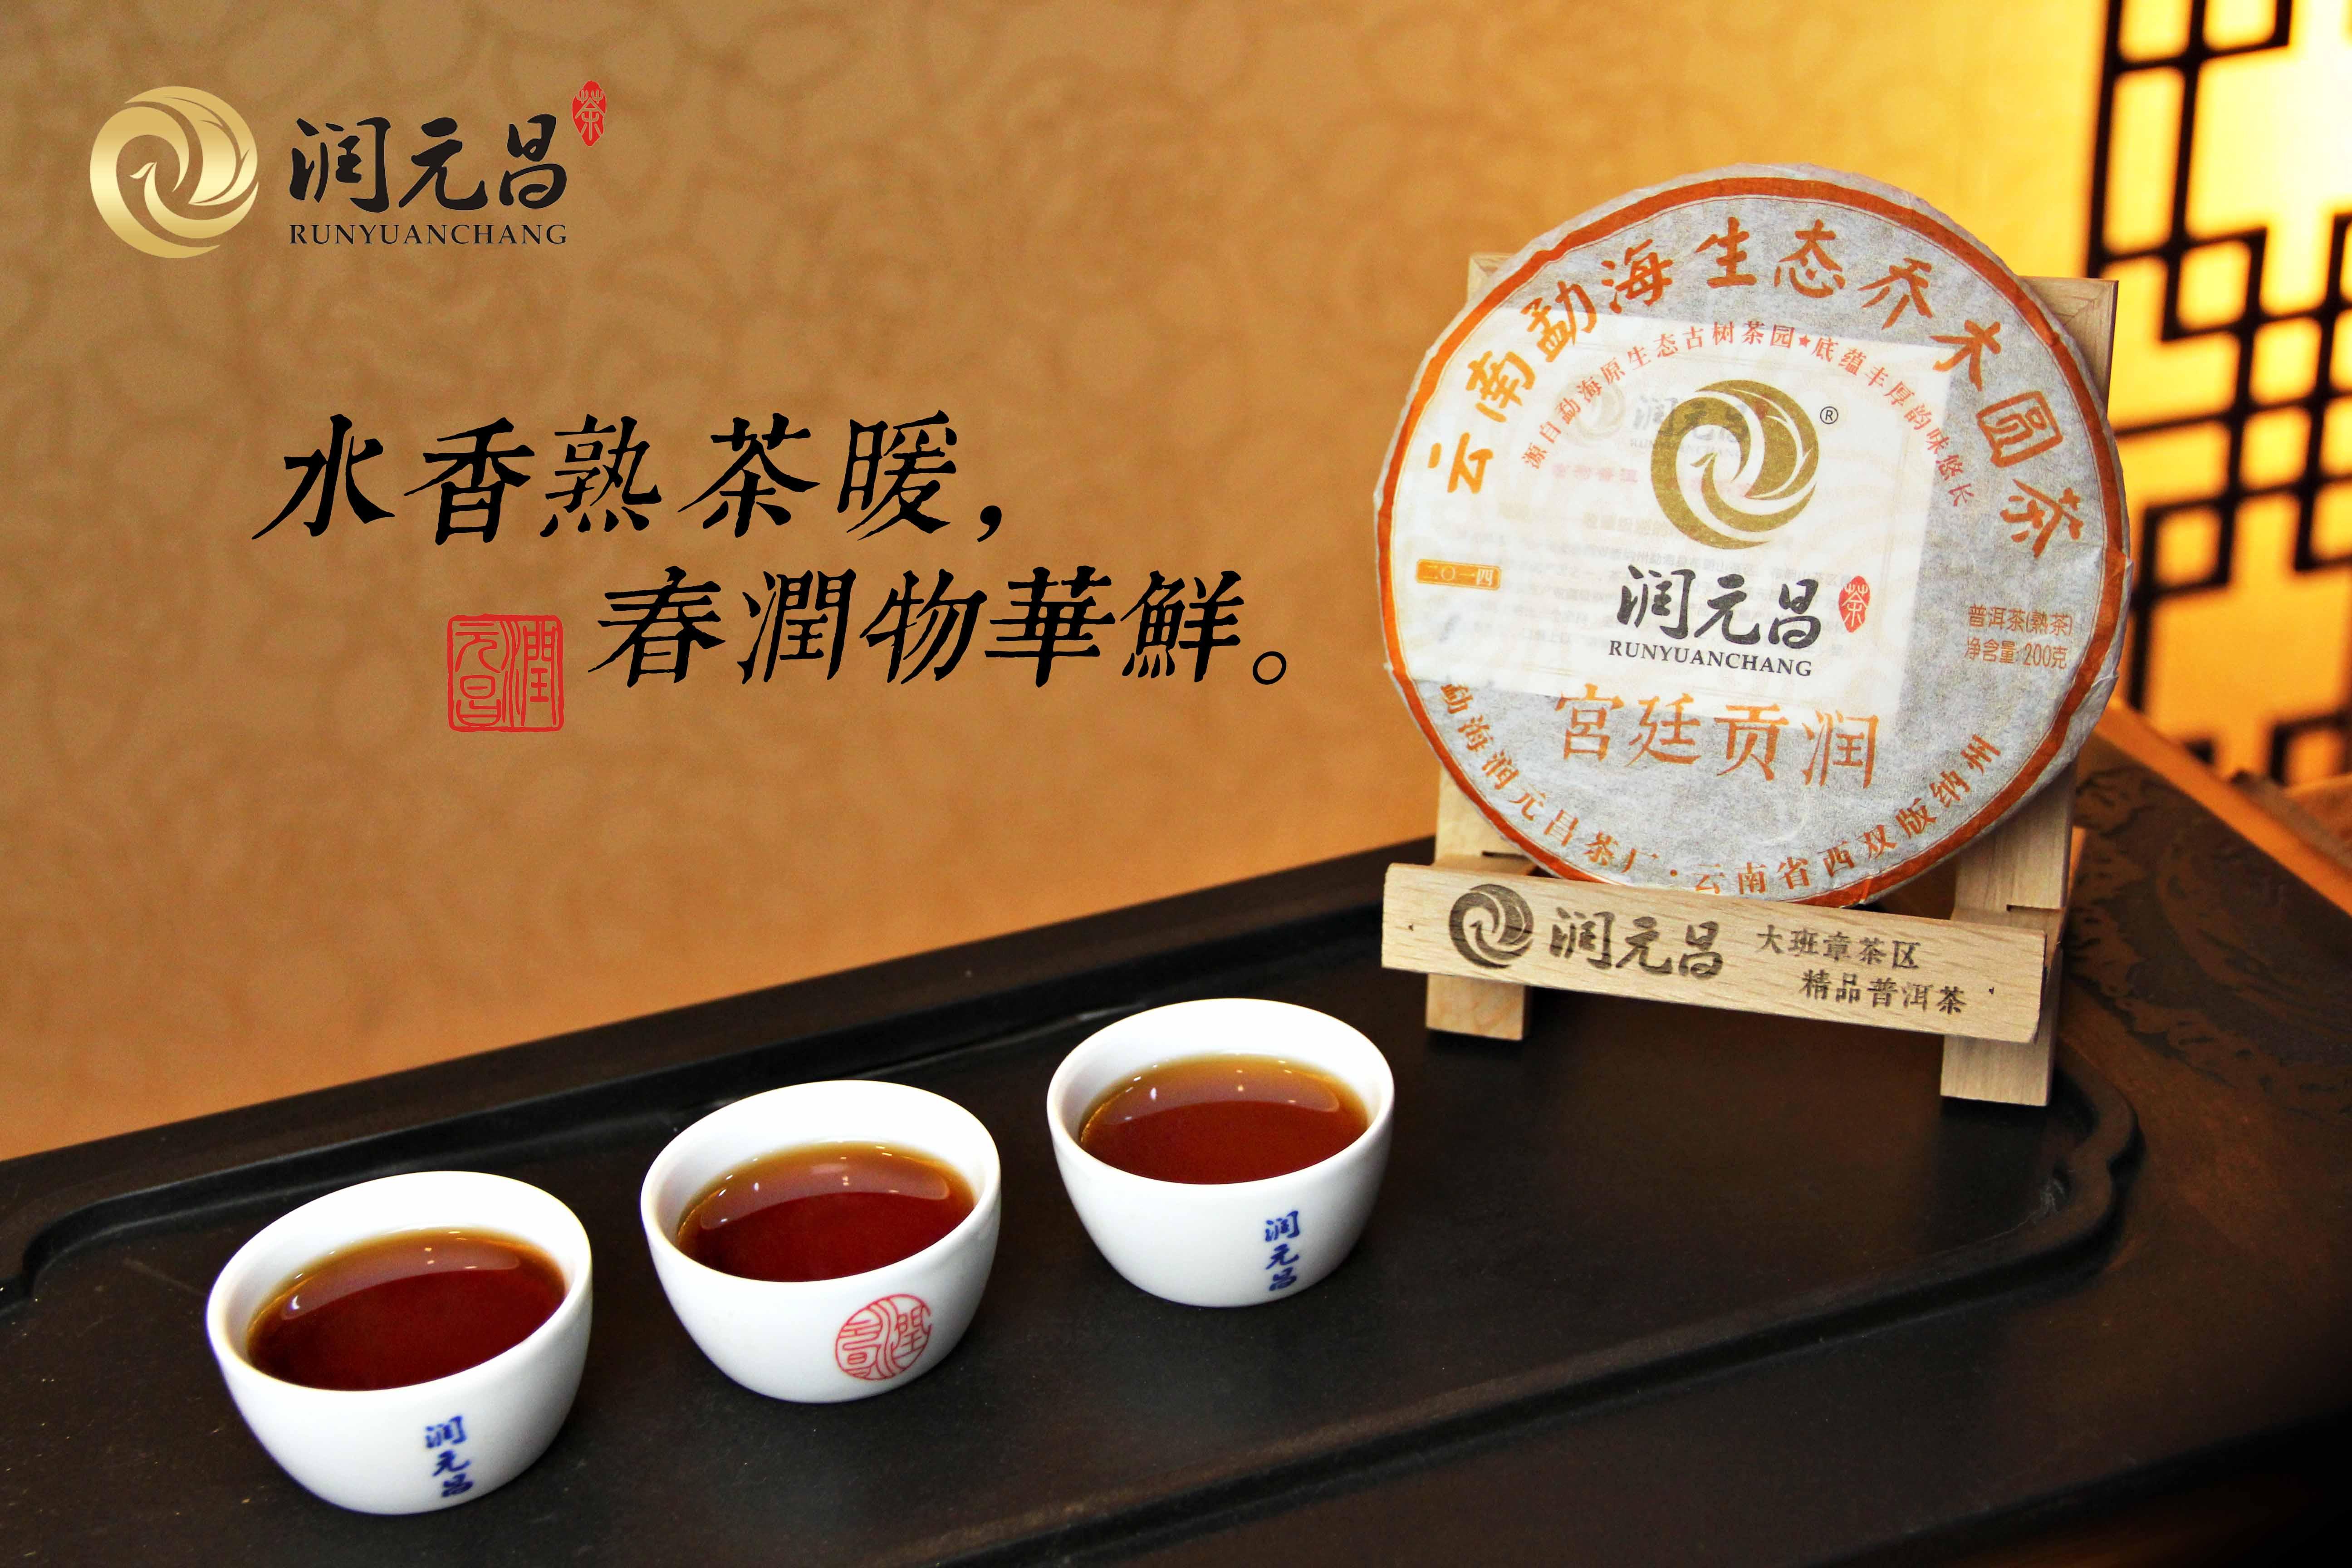 水香熟茶暖,春润物华鲜